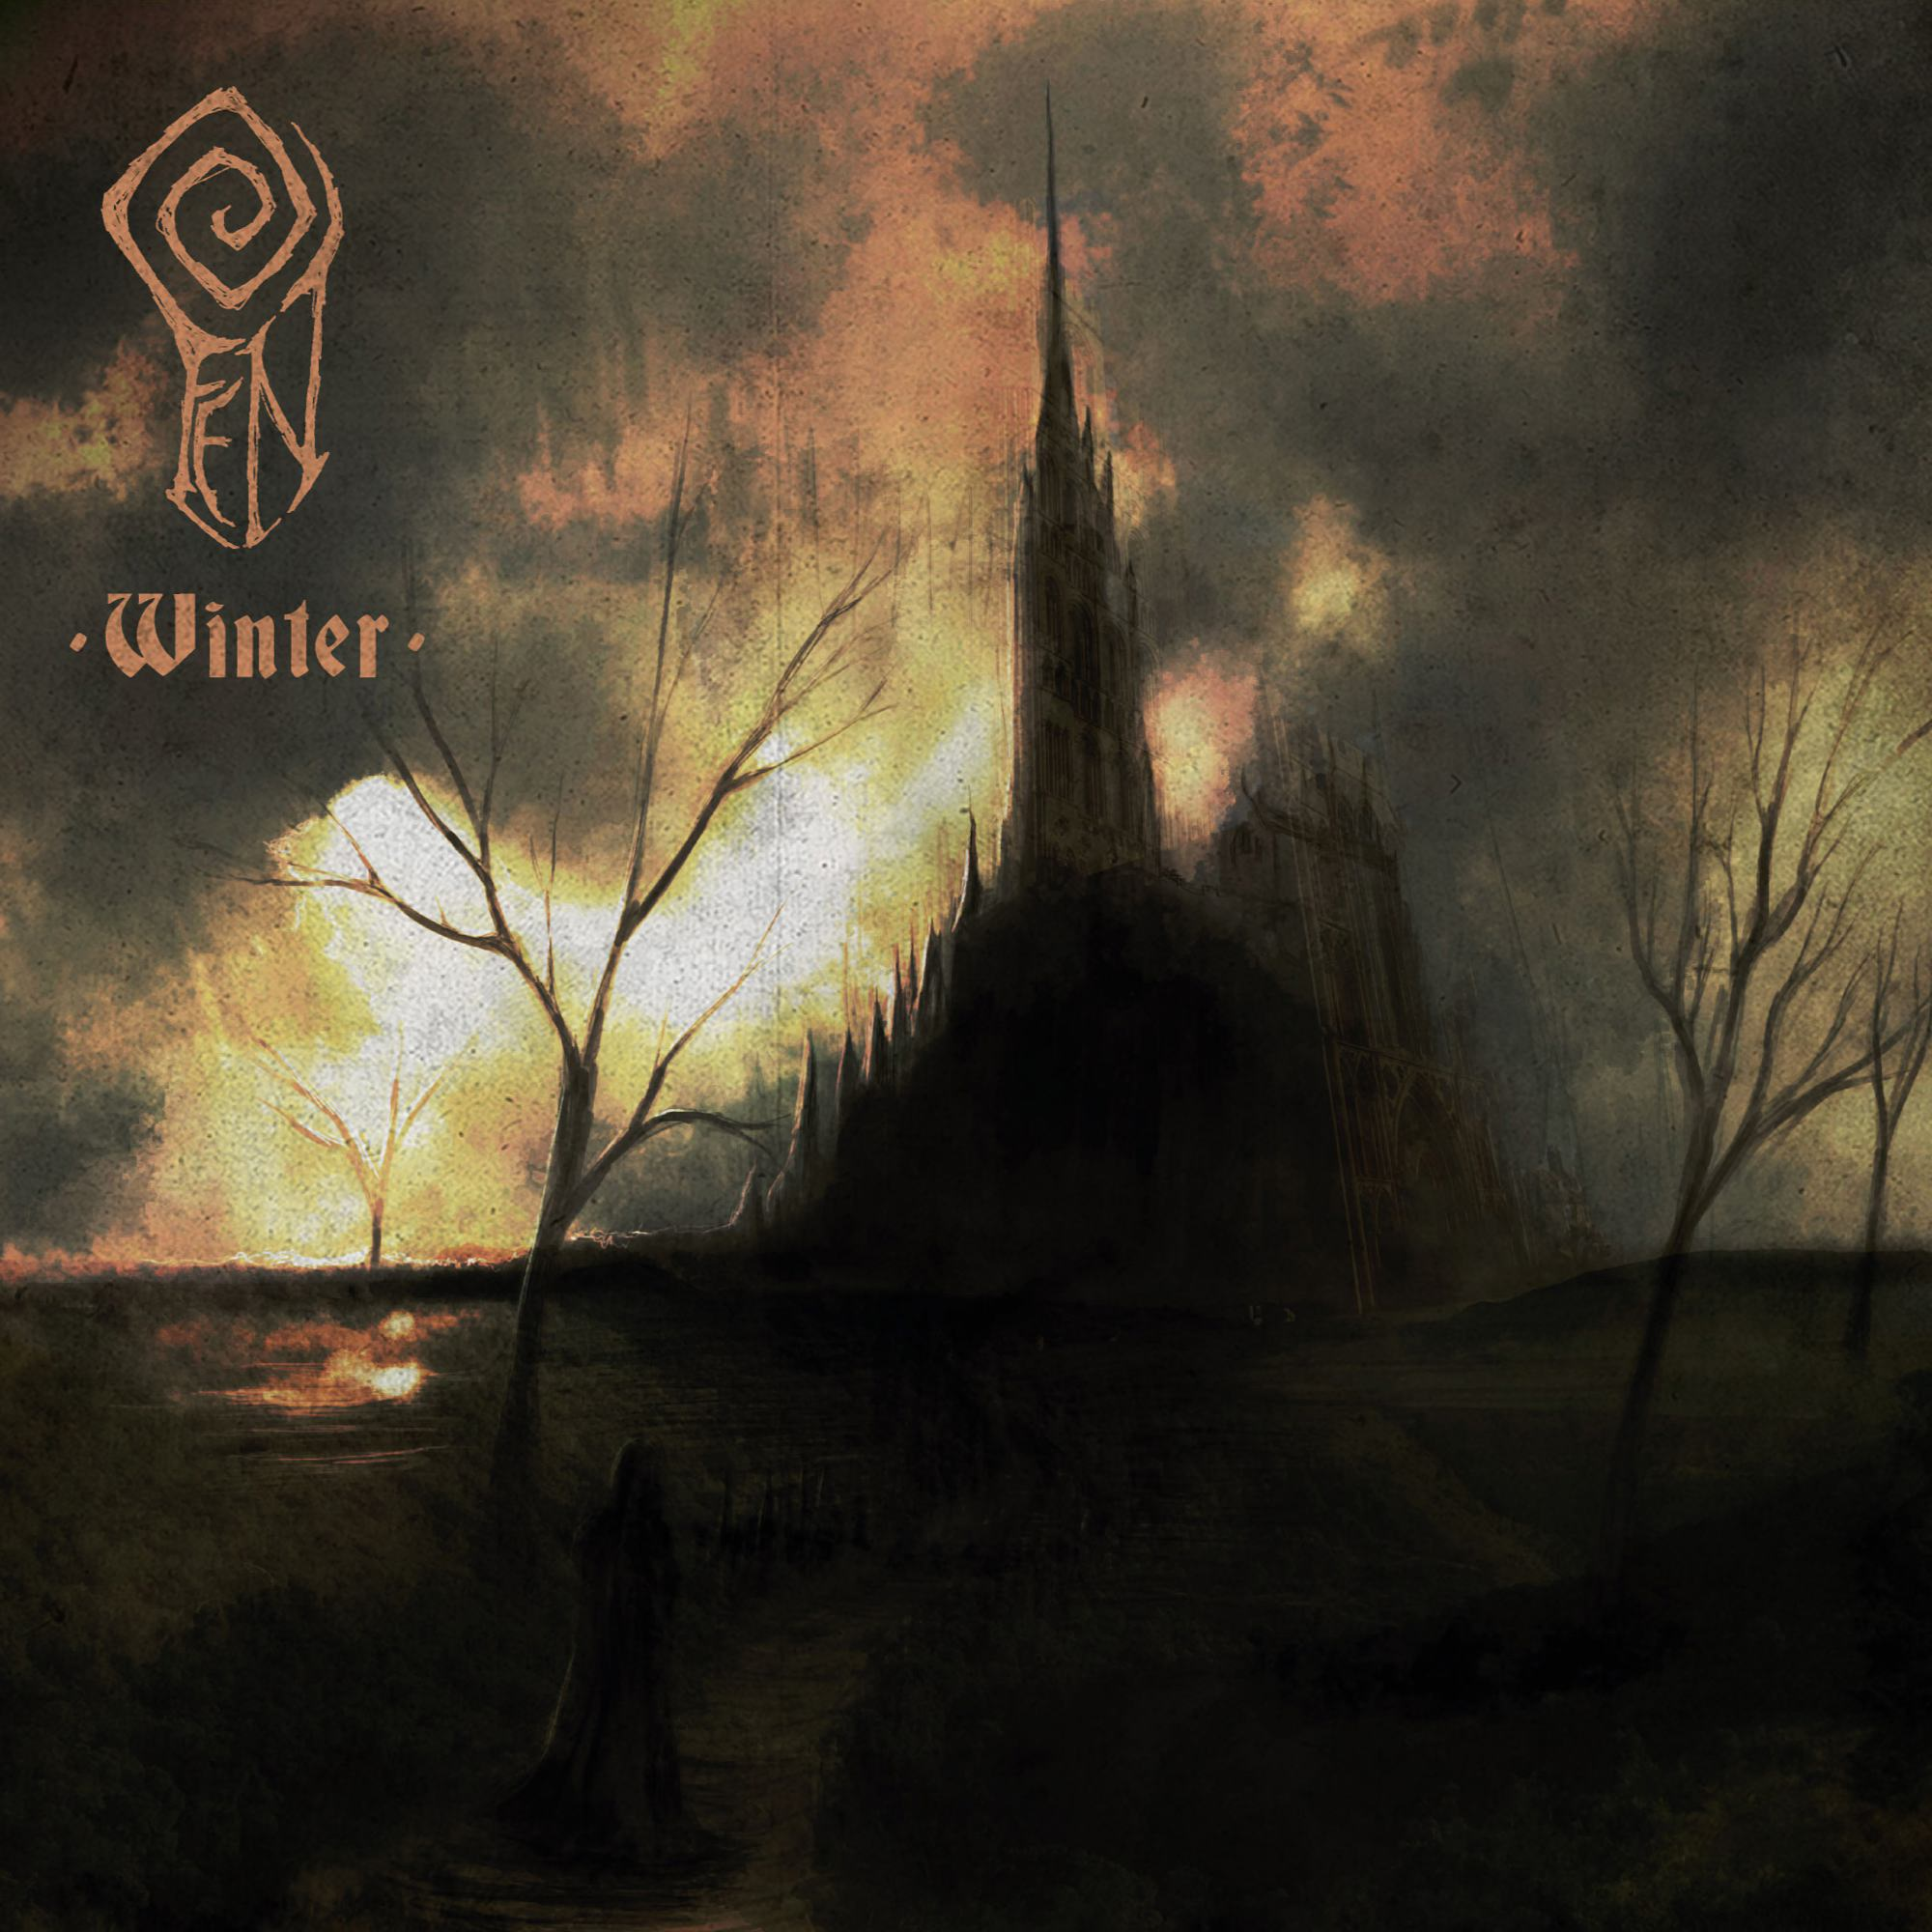 Αποτέλεσμα εικόνας για fen winter